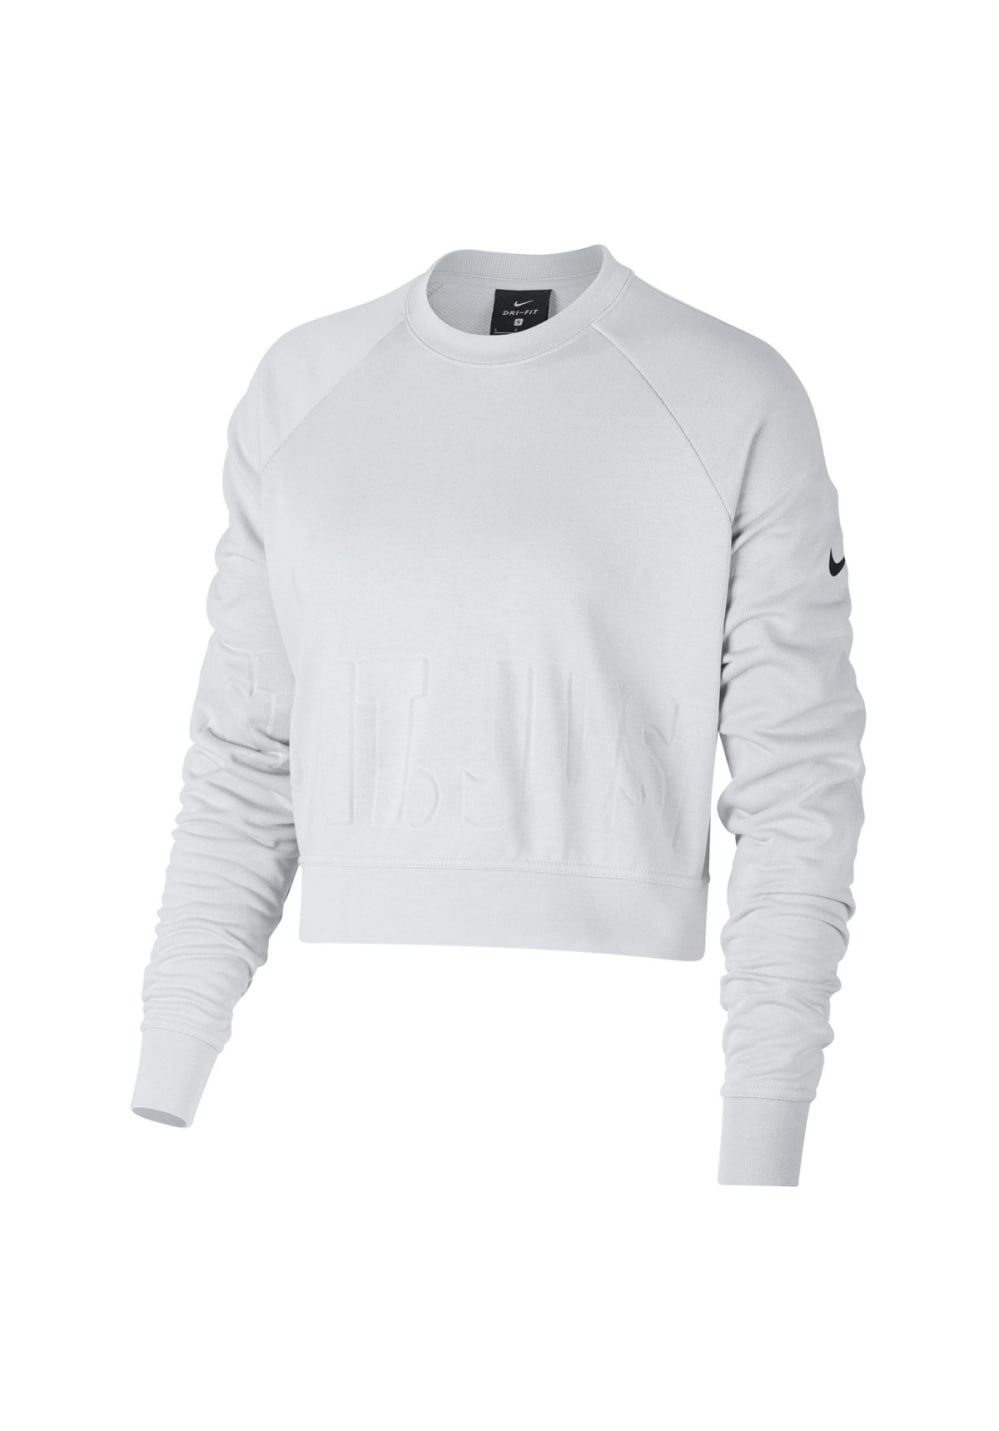 Nike Training Top - Fitnessshirts für Damen - Weiß, Gr. L